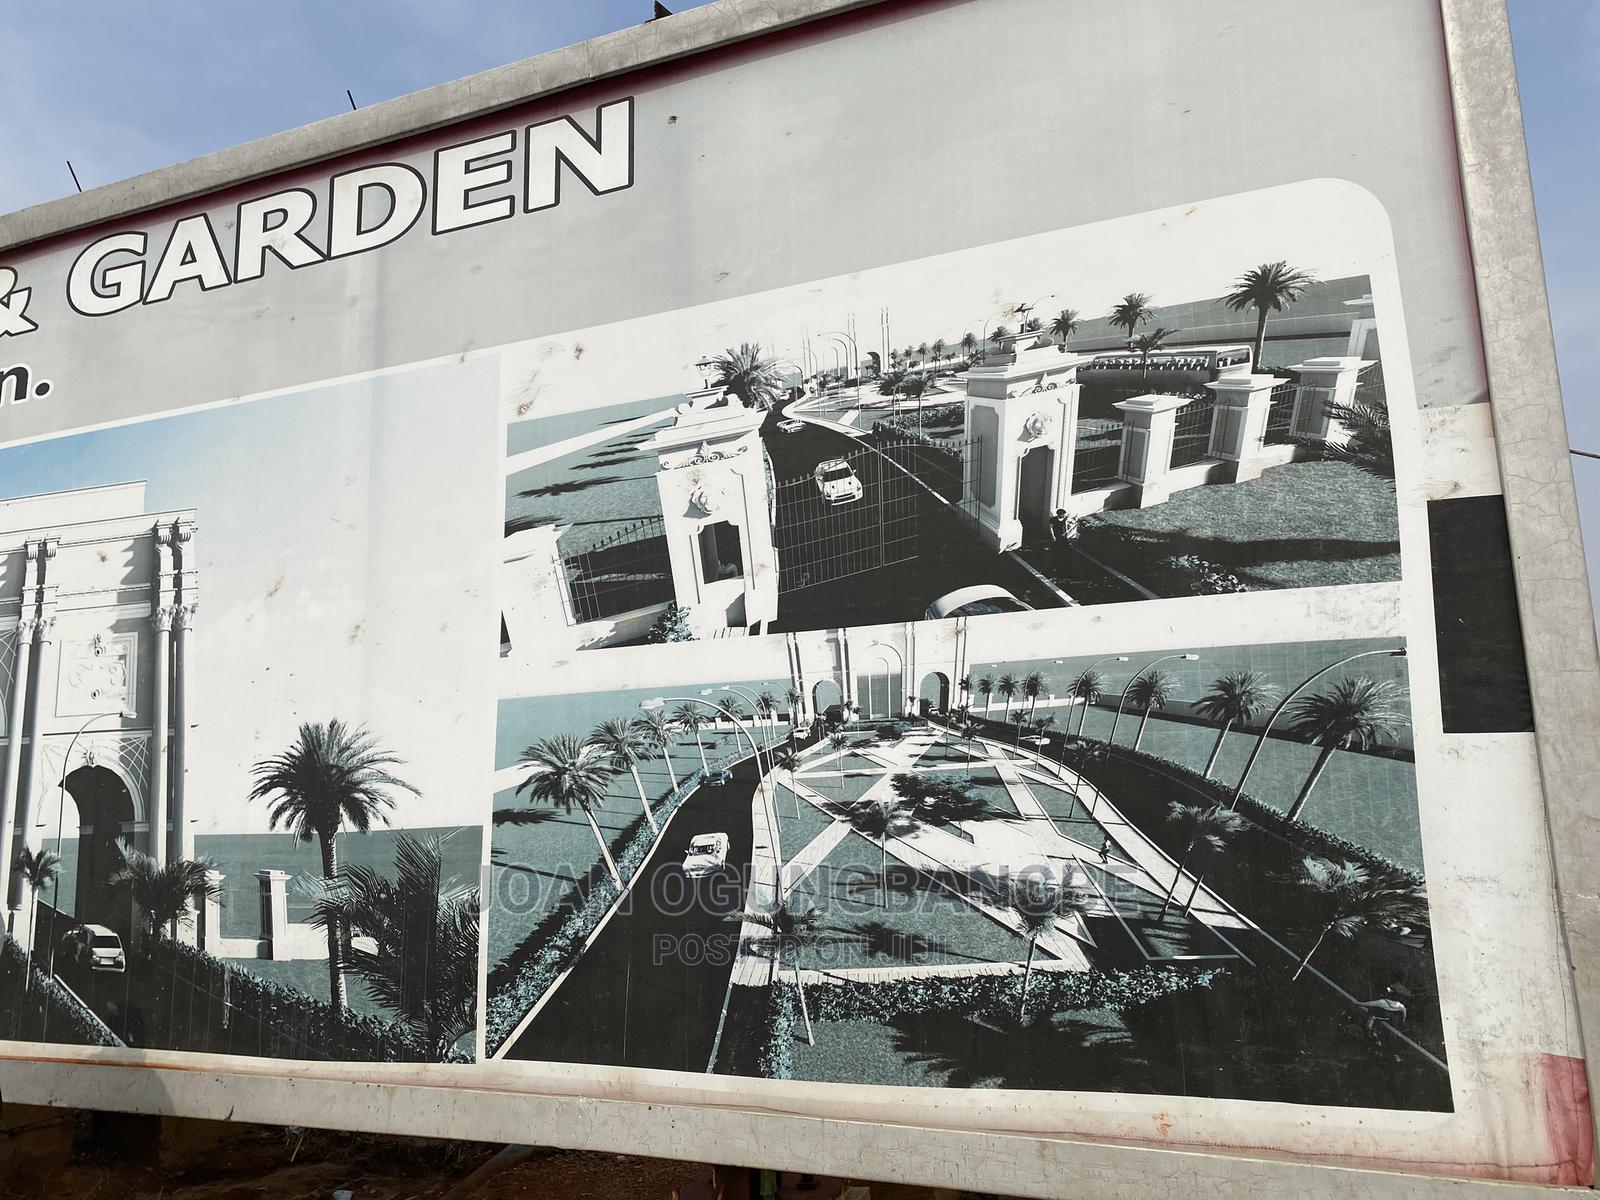 London Park and Gardens Estate,Ologuneru,Ibadan | Land & Plots For Sale for sale in Ologuneru, Ibadan, Nigeria